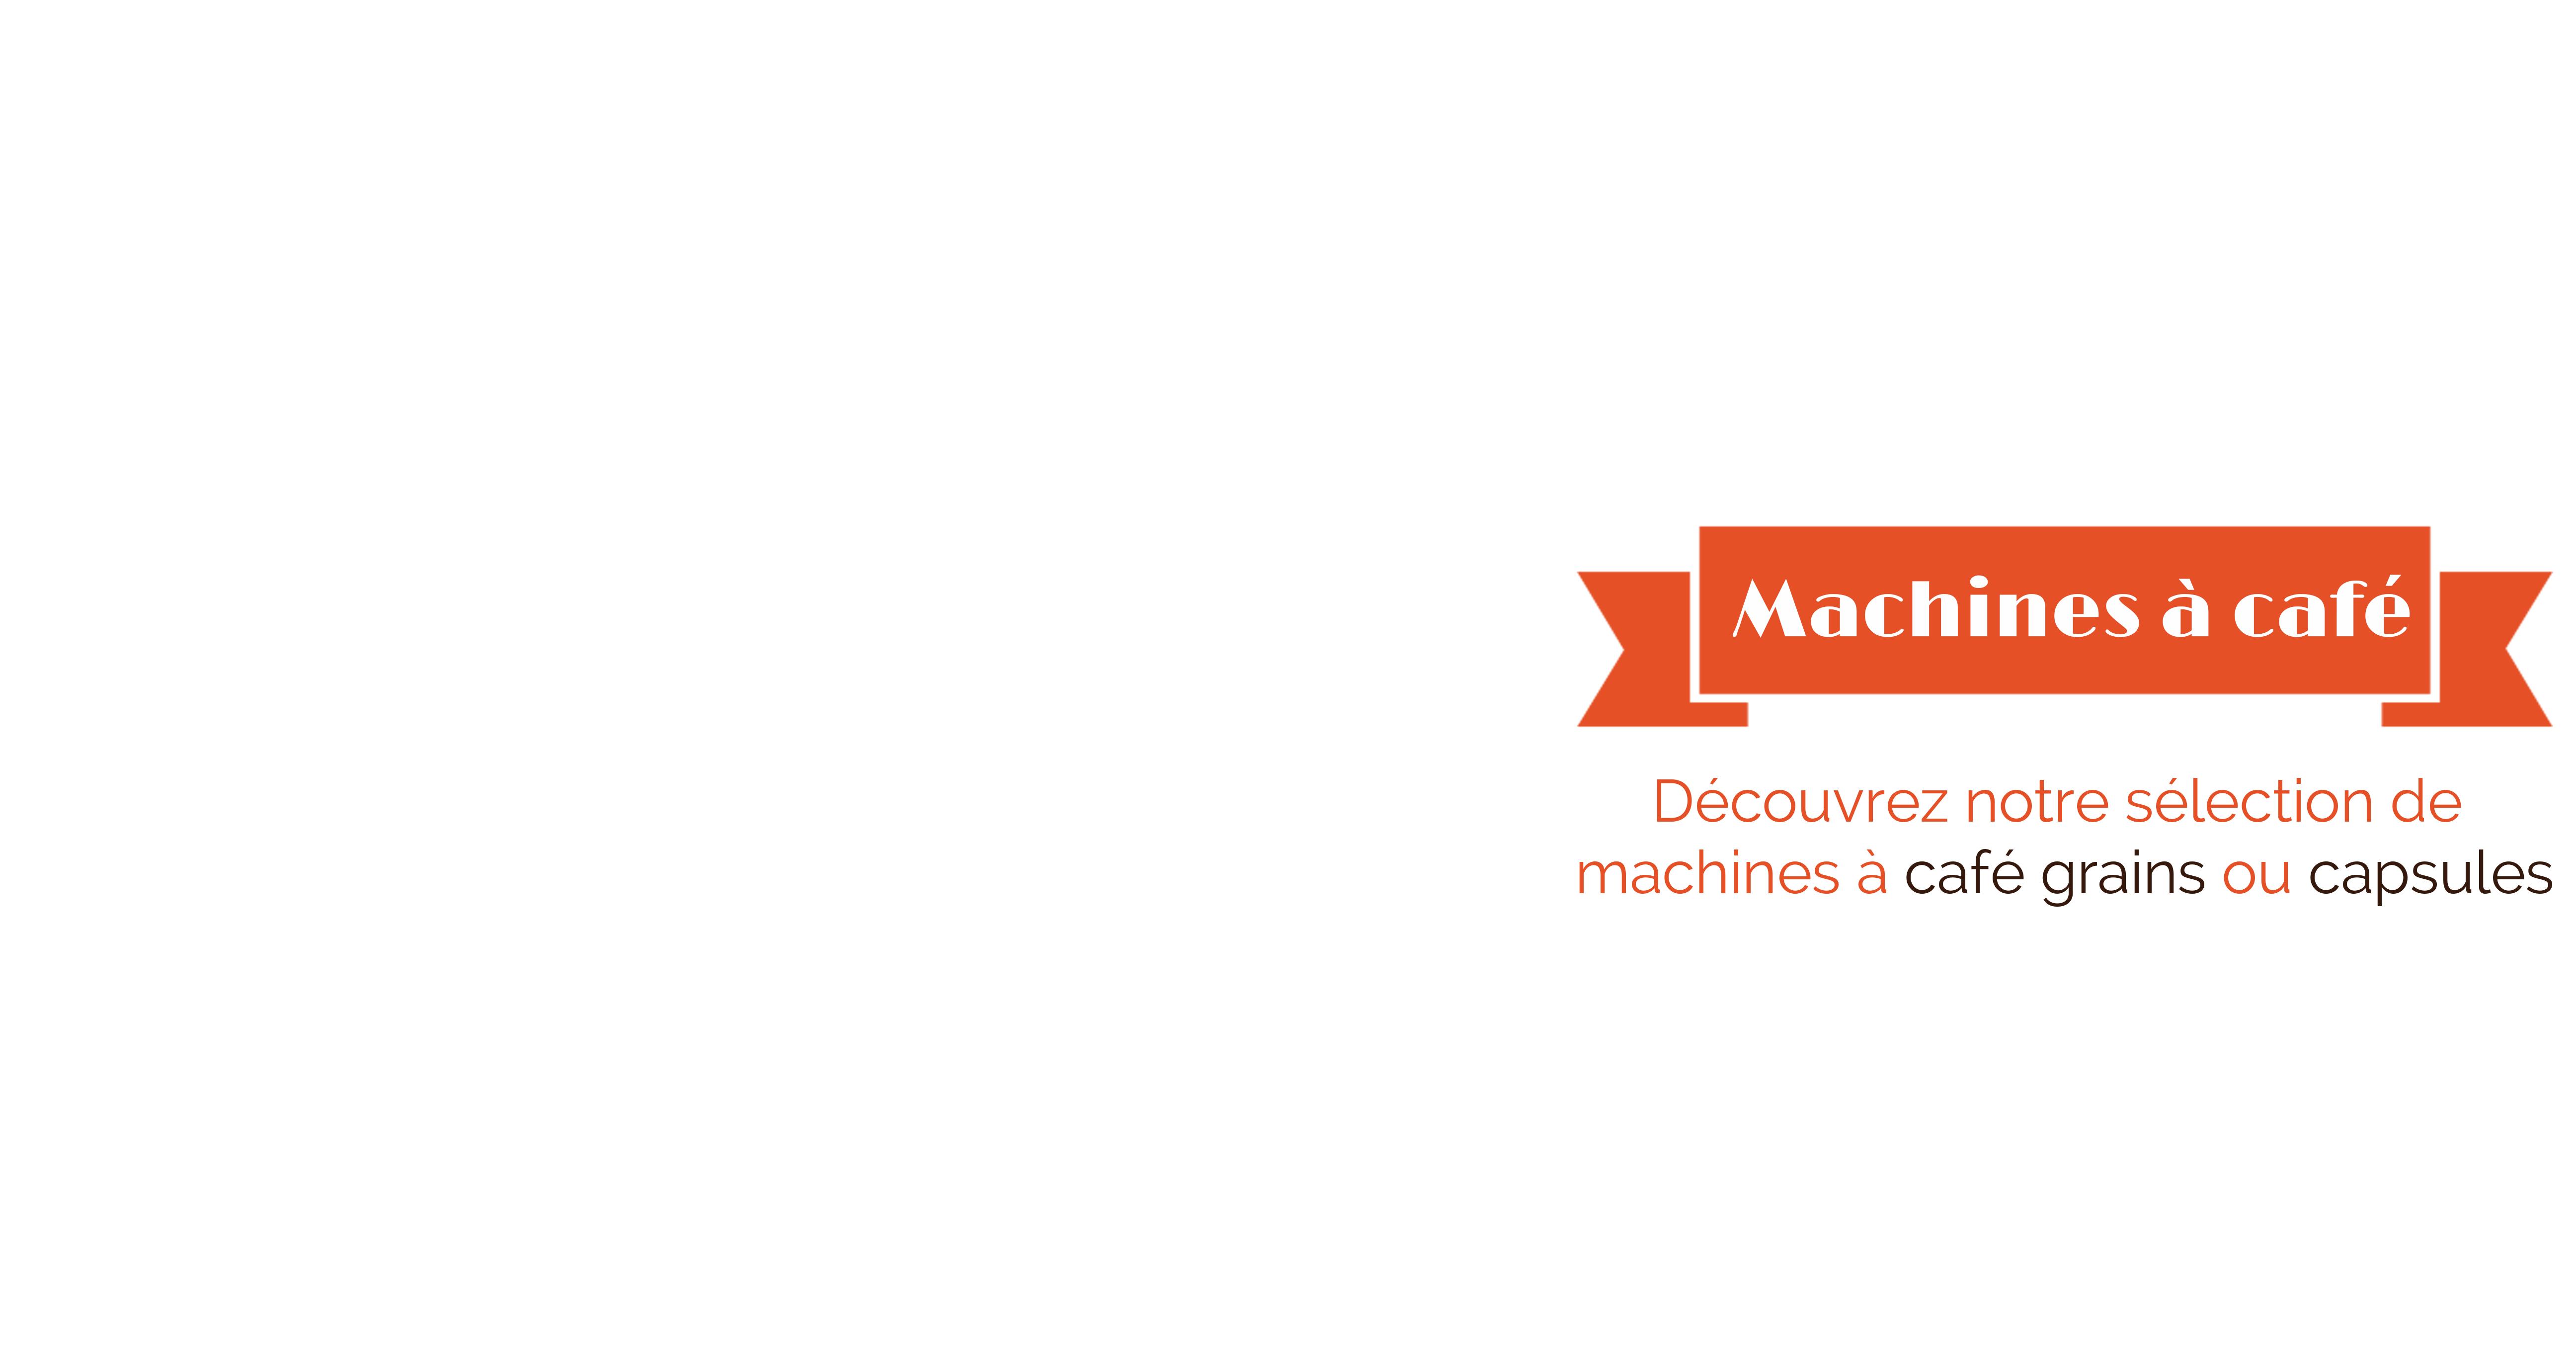 Machines à café 2ad en Alsace, Lorraine et Franche-Comté